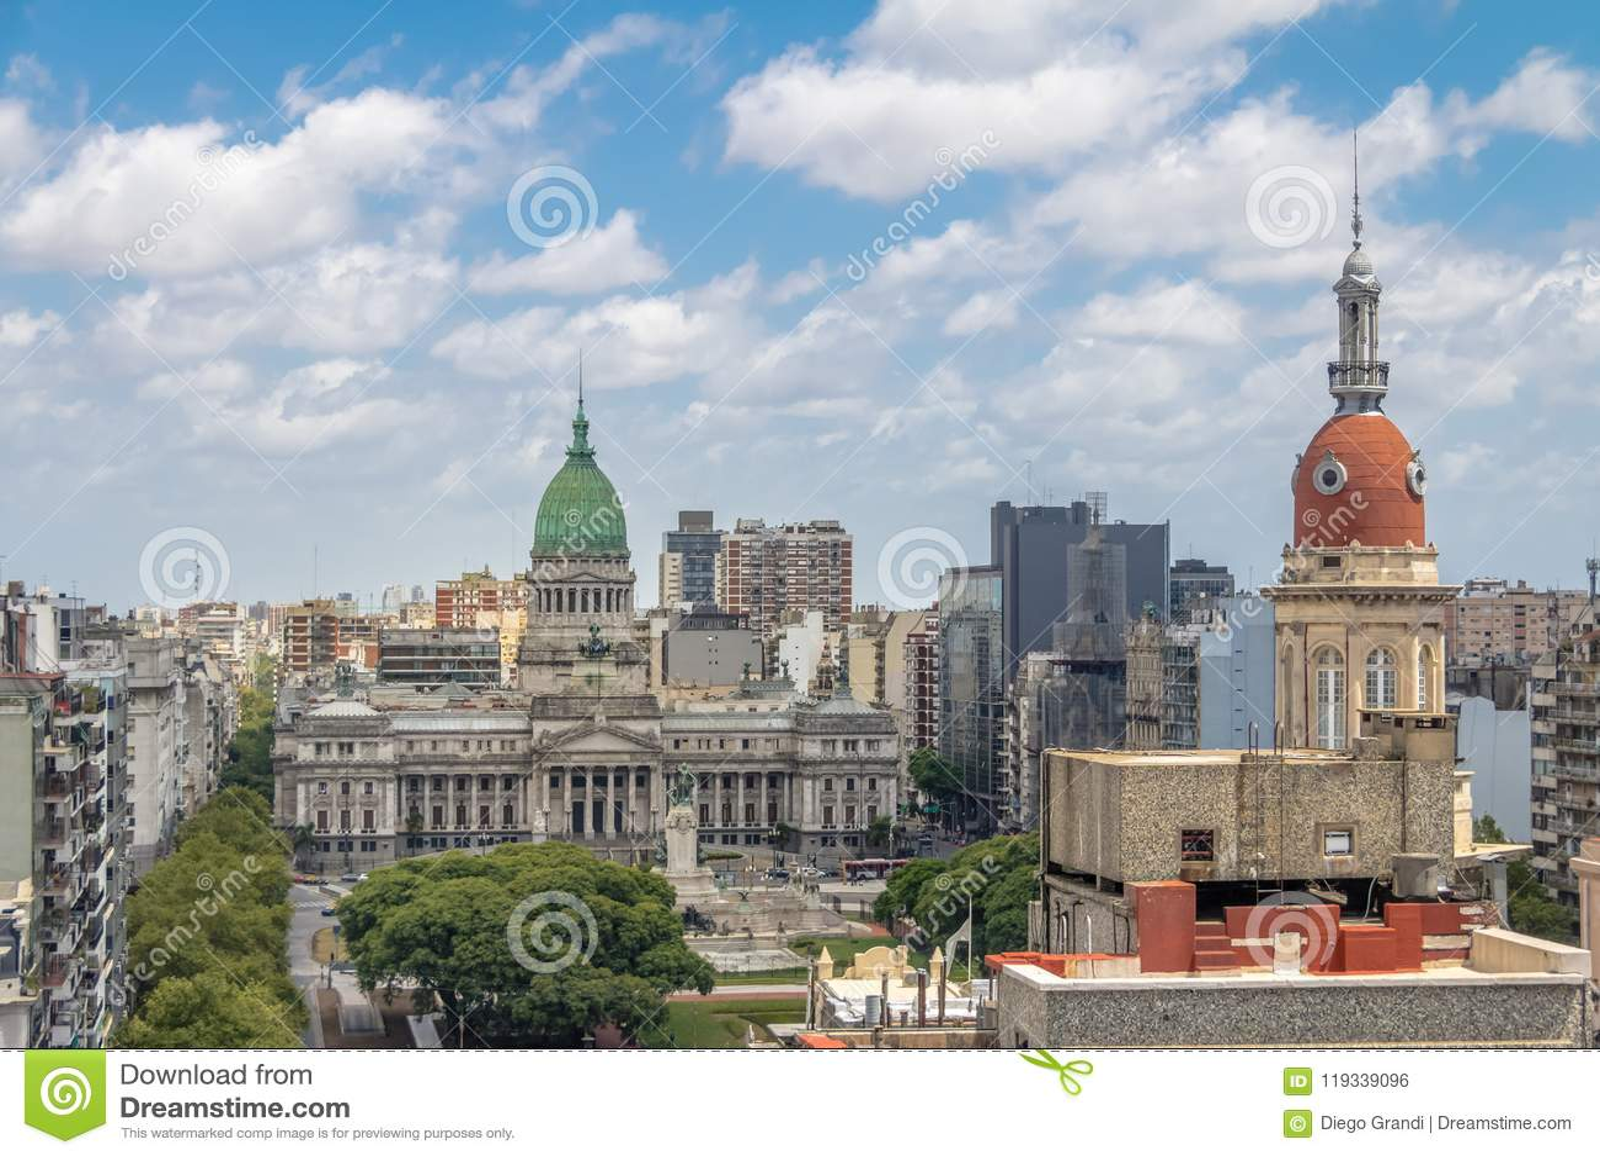 La vista aérea del edificio de Inmobiliaria del congreso nacional y del La se eleva - Buenos Aires, la Argentina